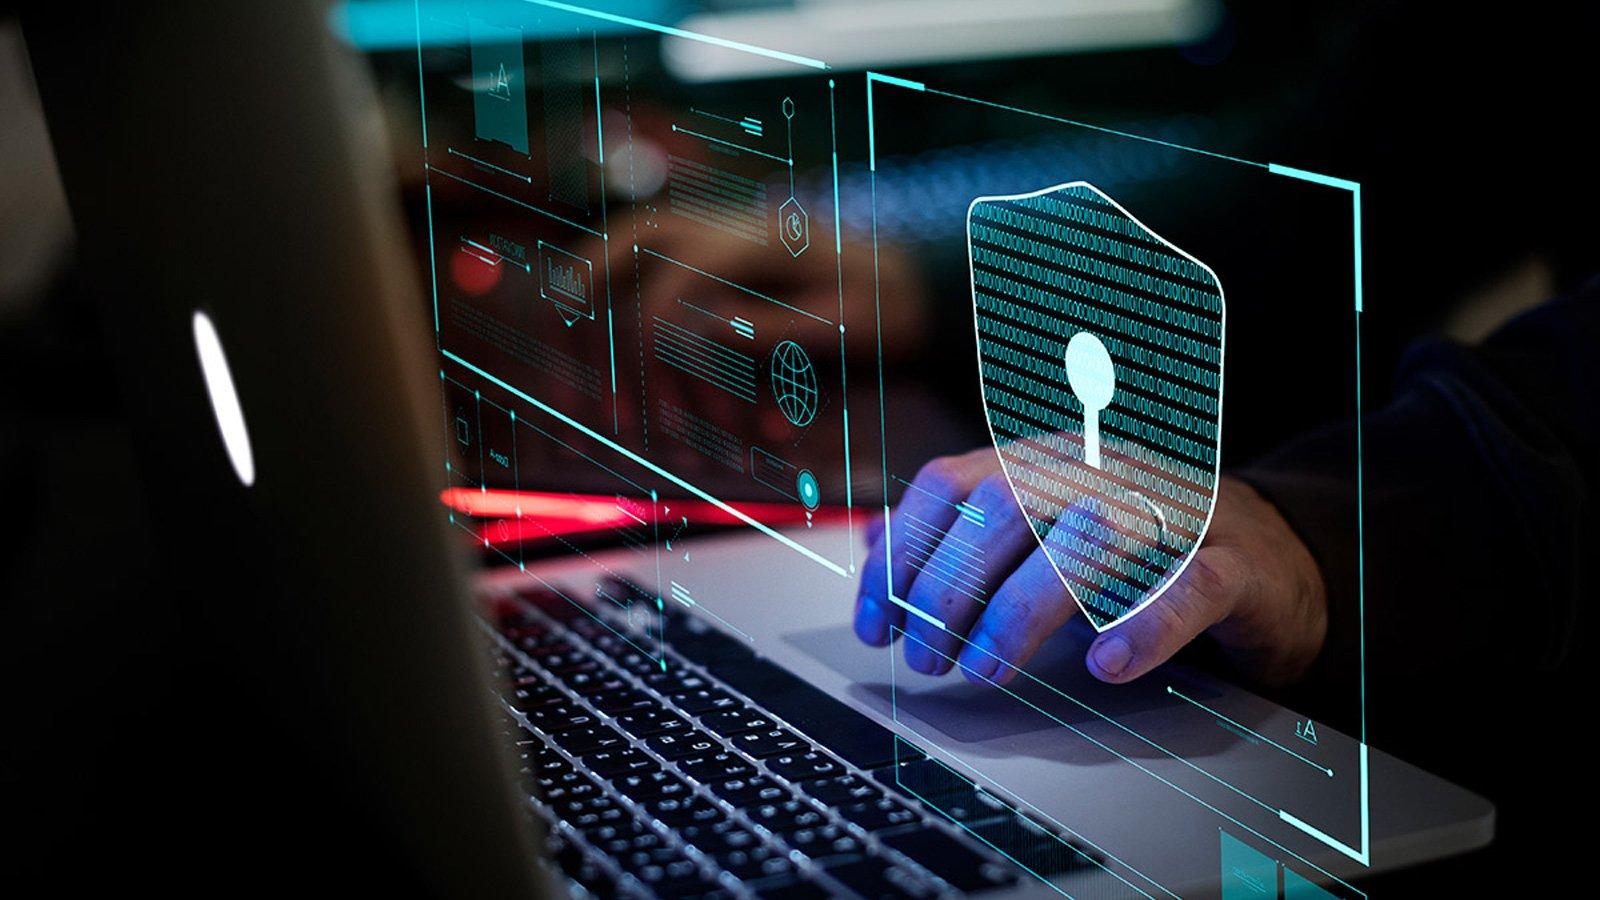 Ex agentes de inteligencia de EE. UU. Pagarán 1,6 millones de dólares por pirateo para gobierno extranjero